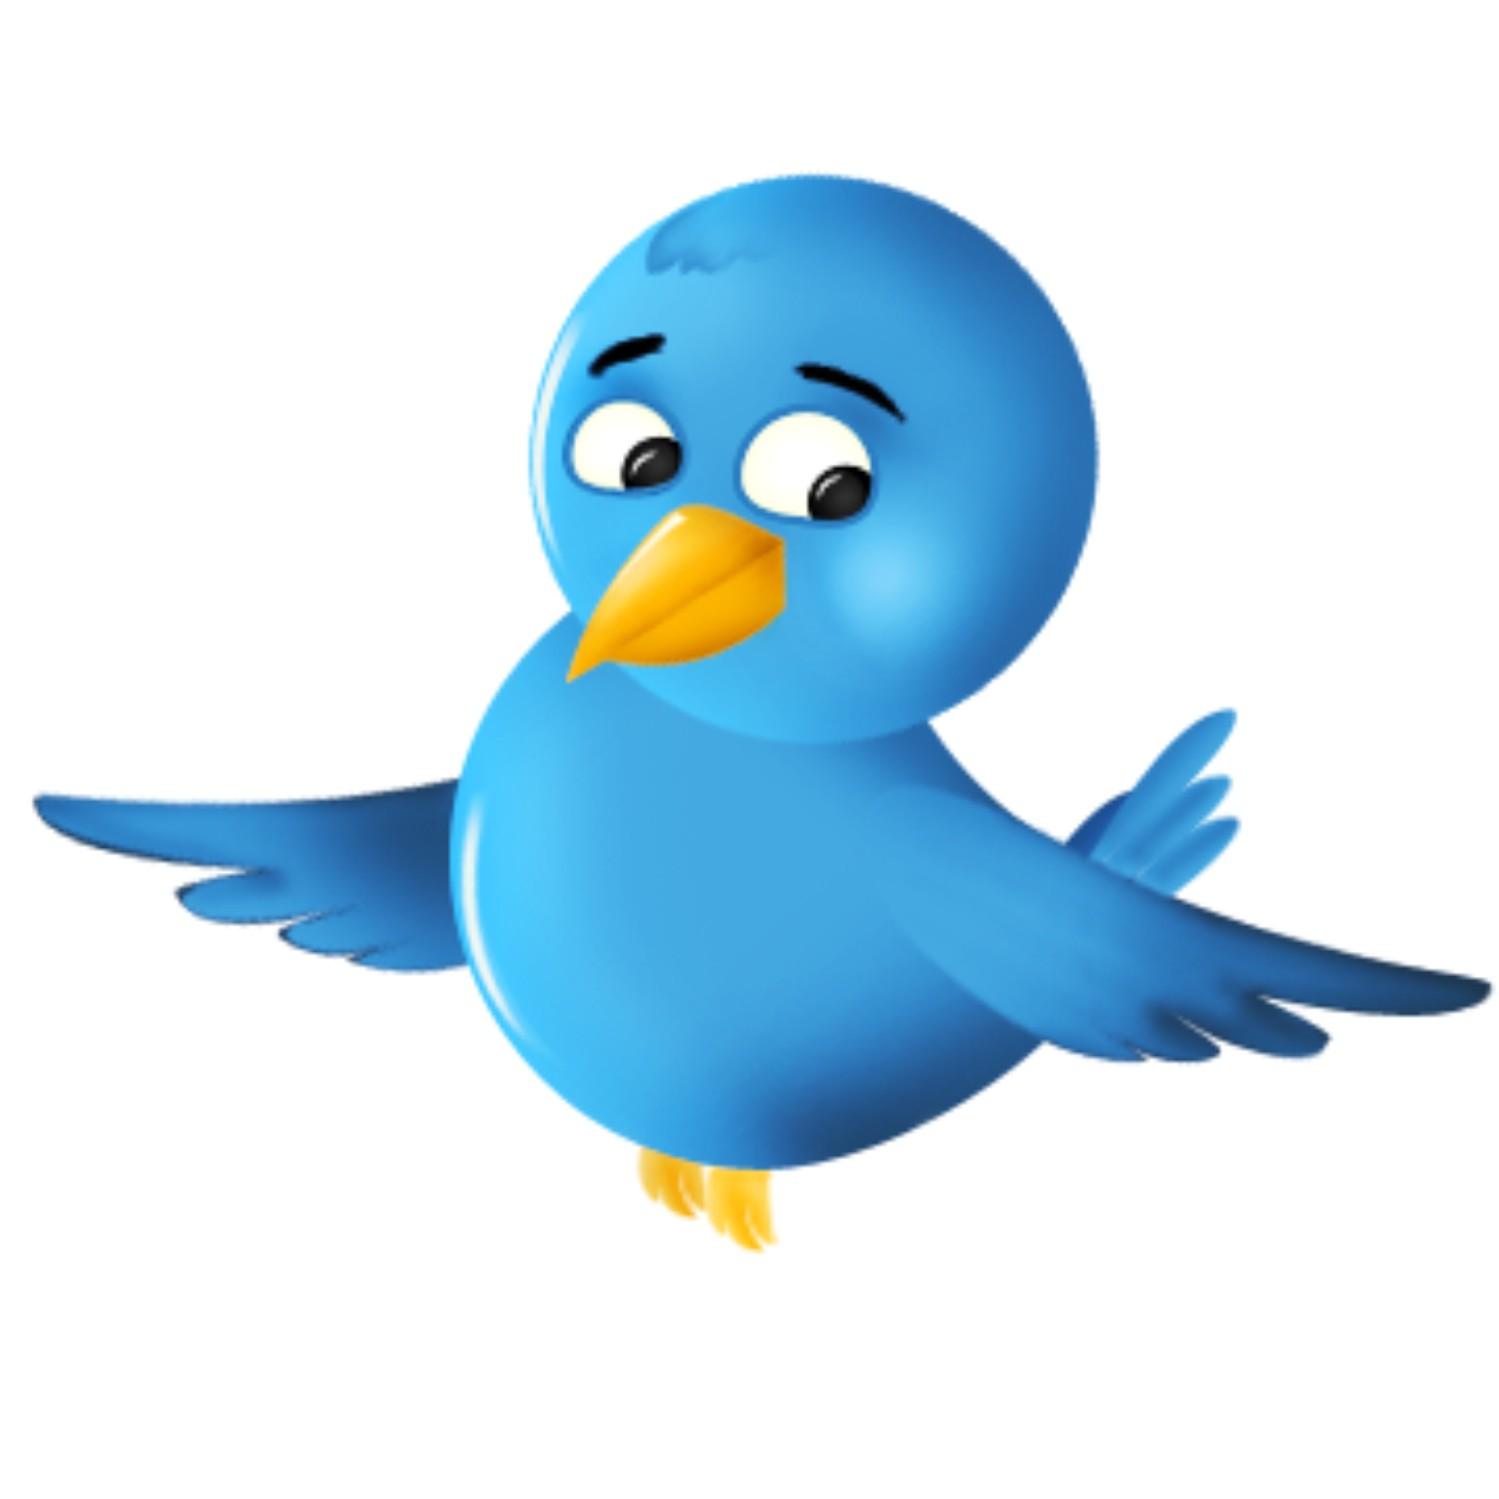 Твитоед - быстрое повышение позиций по нч и сч запросам